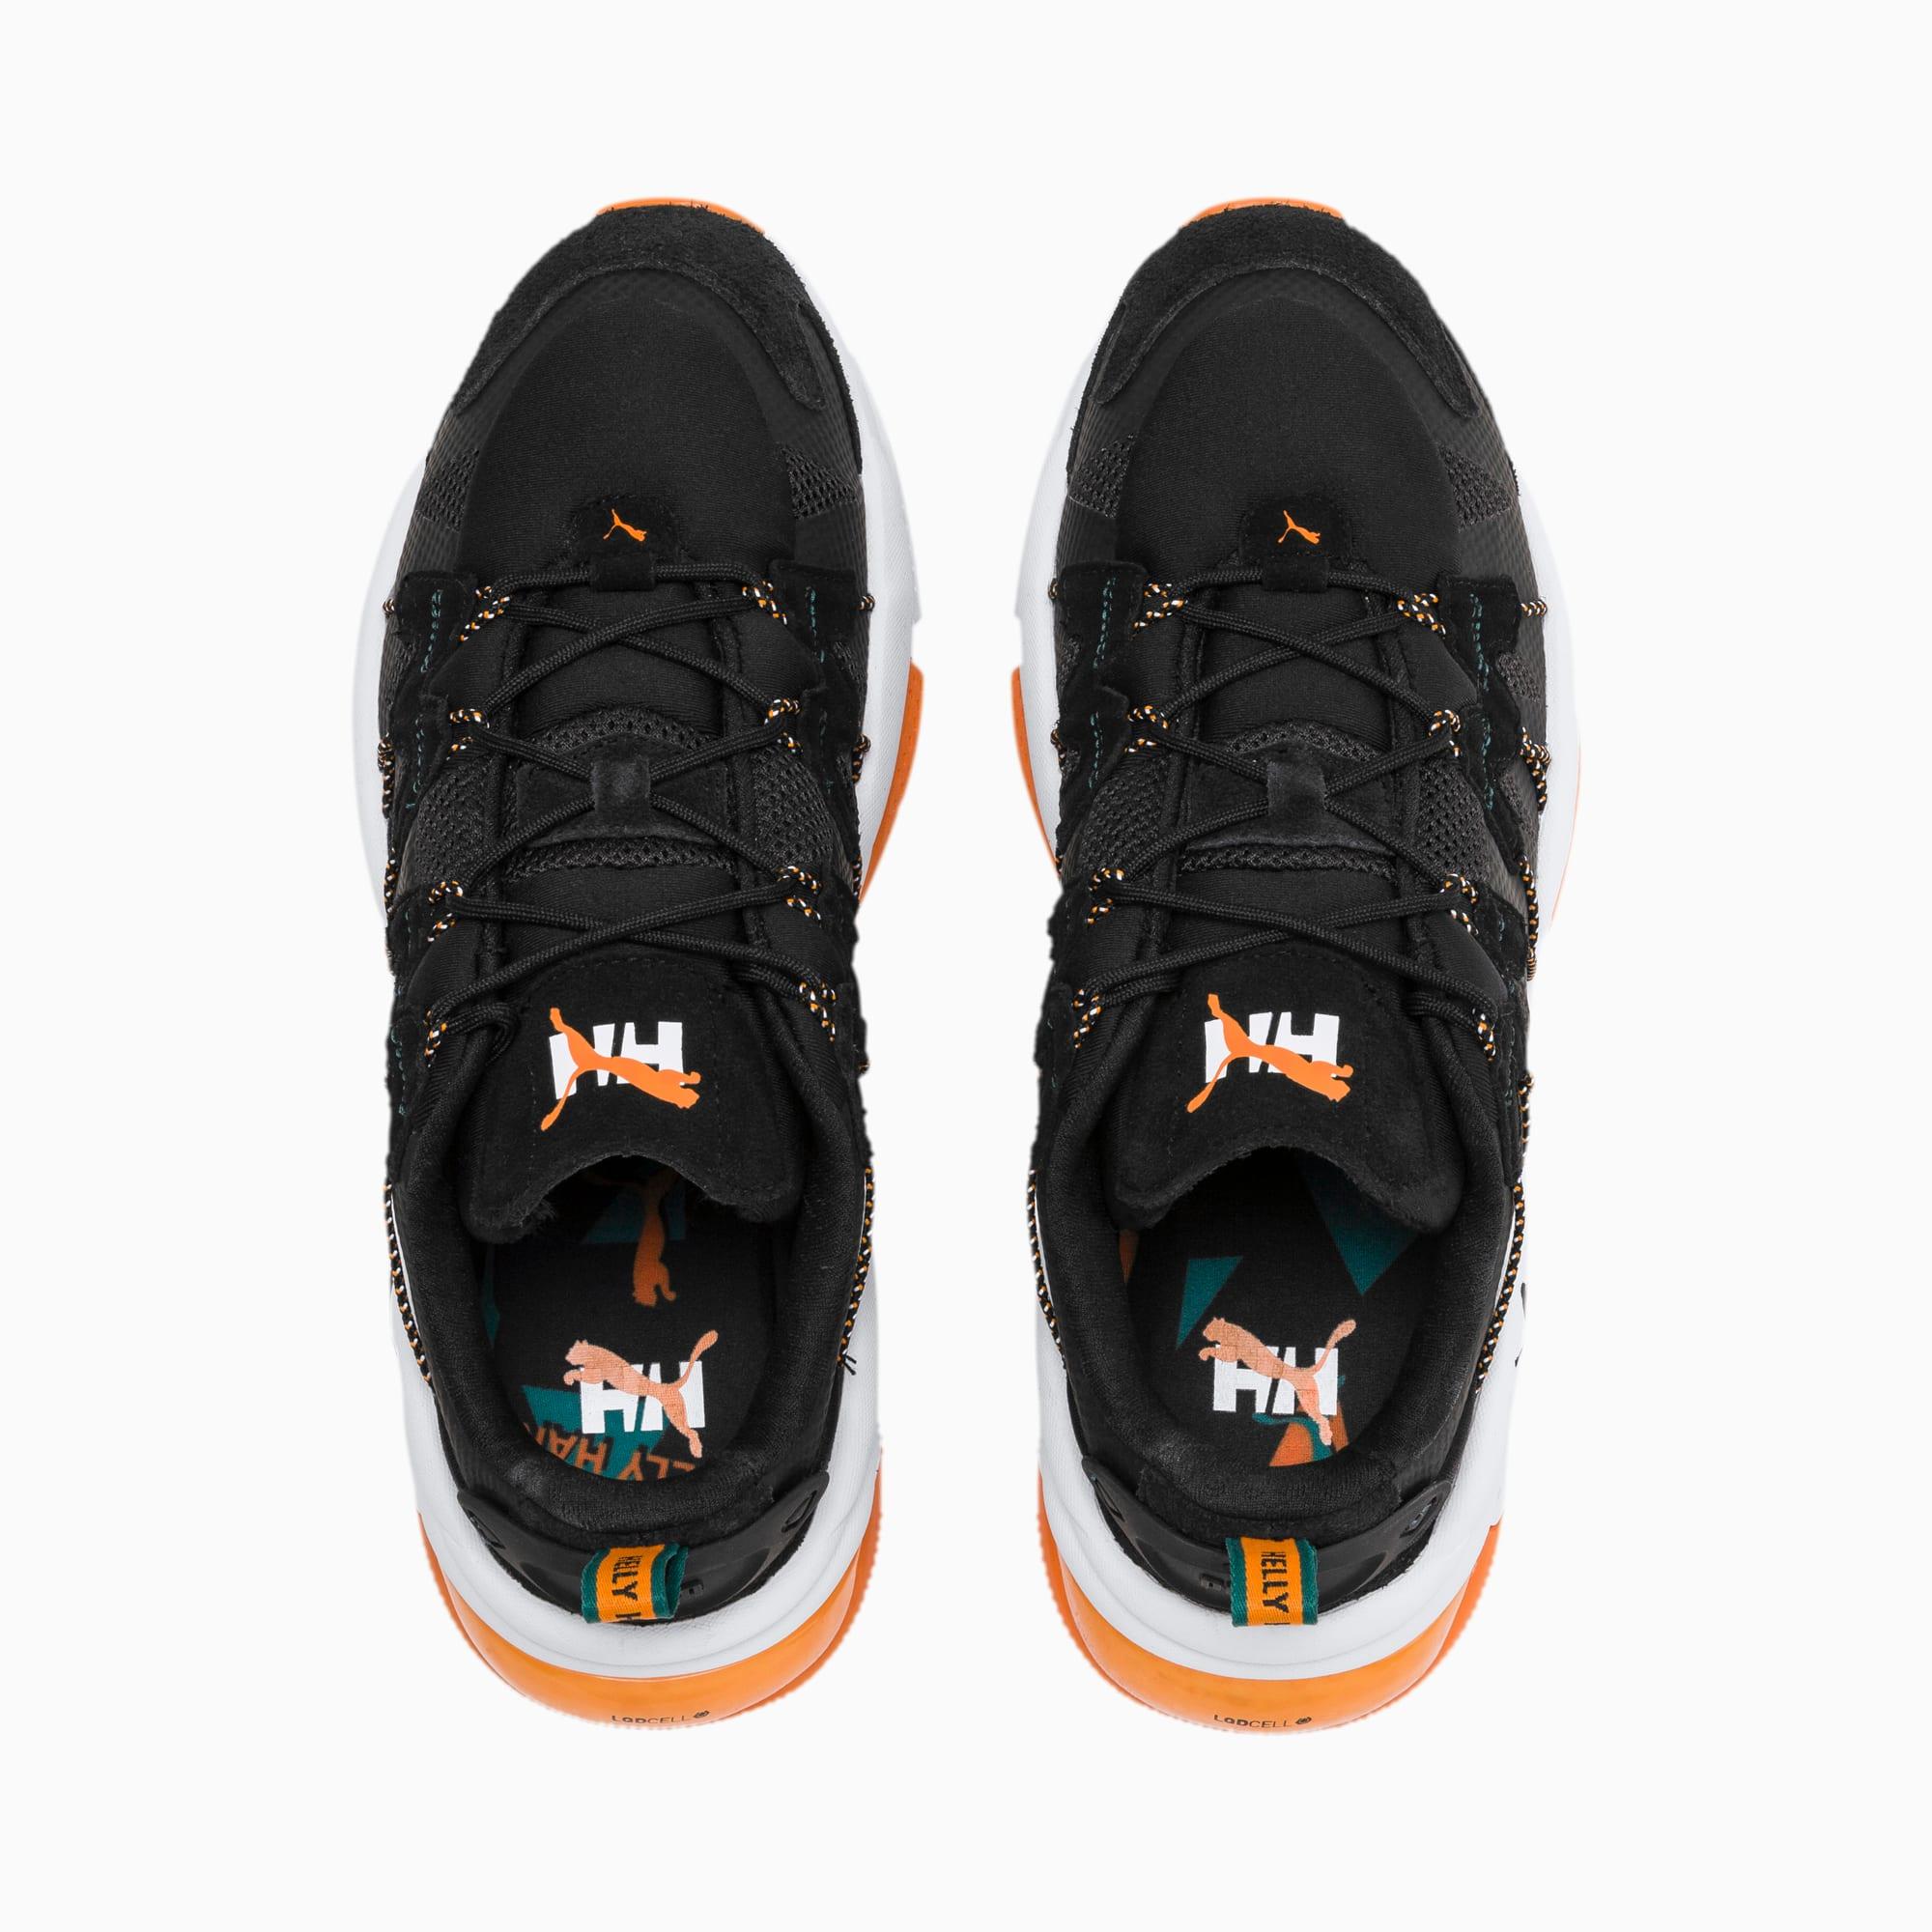 Puma x Helly Hansen LQD Cell Omega Puma Black | Footshop